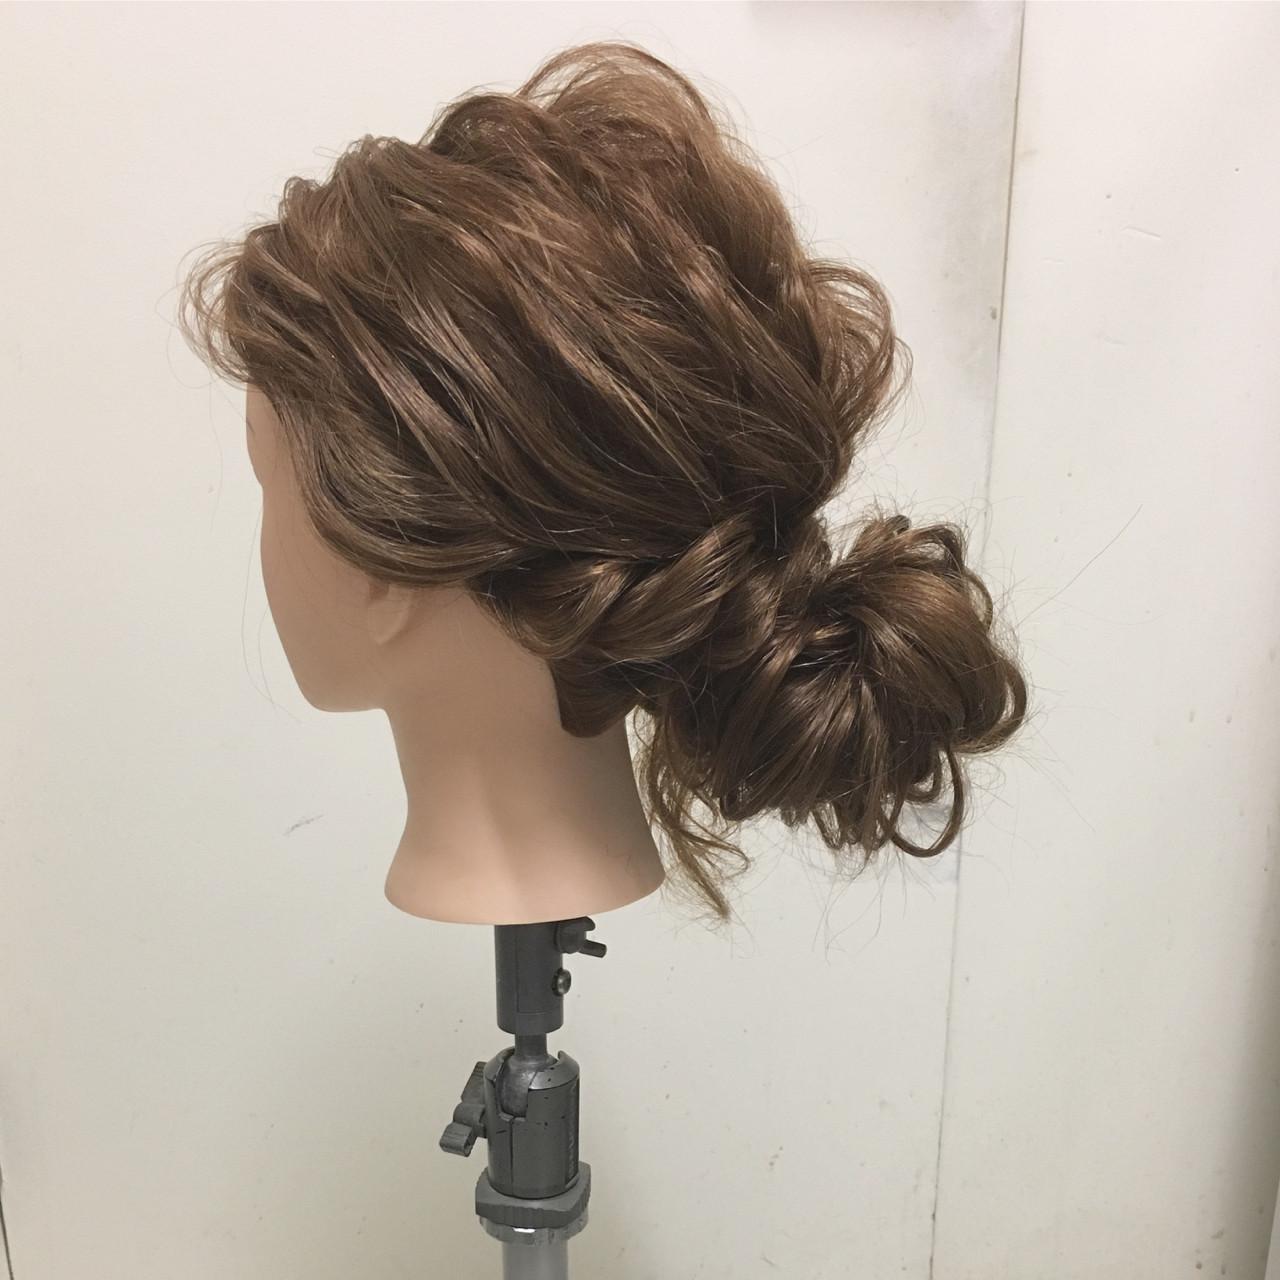 パーティ ヘアアレンジ ゆるふわ ナチュラル ヘアスタイルや髪型の写真・画像   平川 元気 / MAPUNA